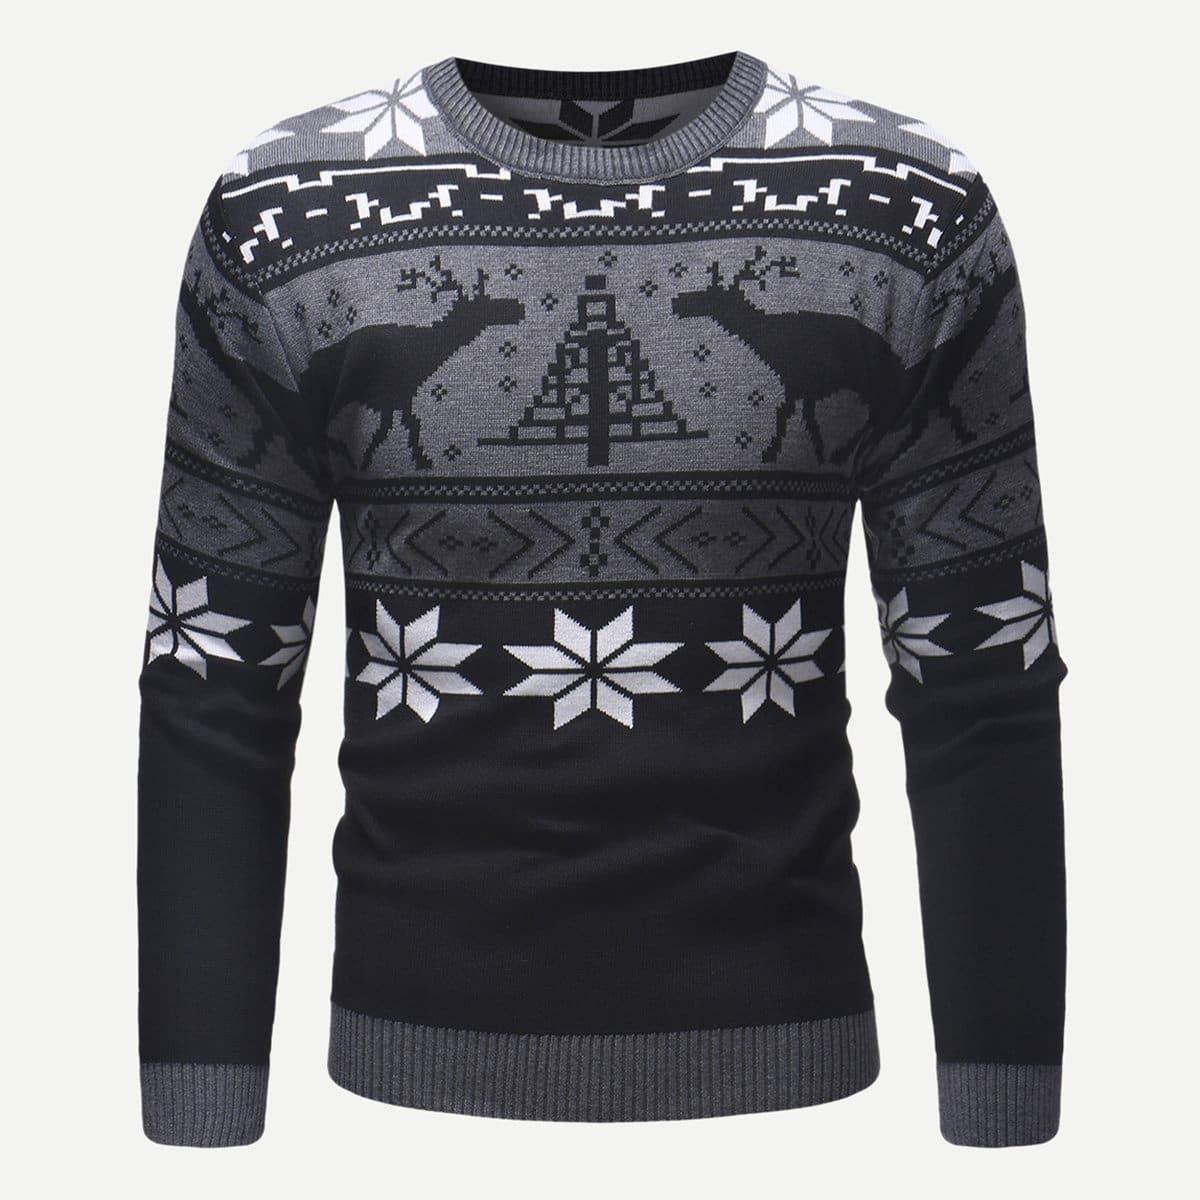 Мужский свитер с принтом рождественским